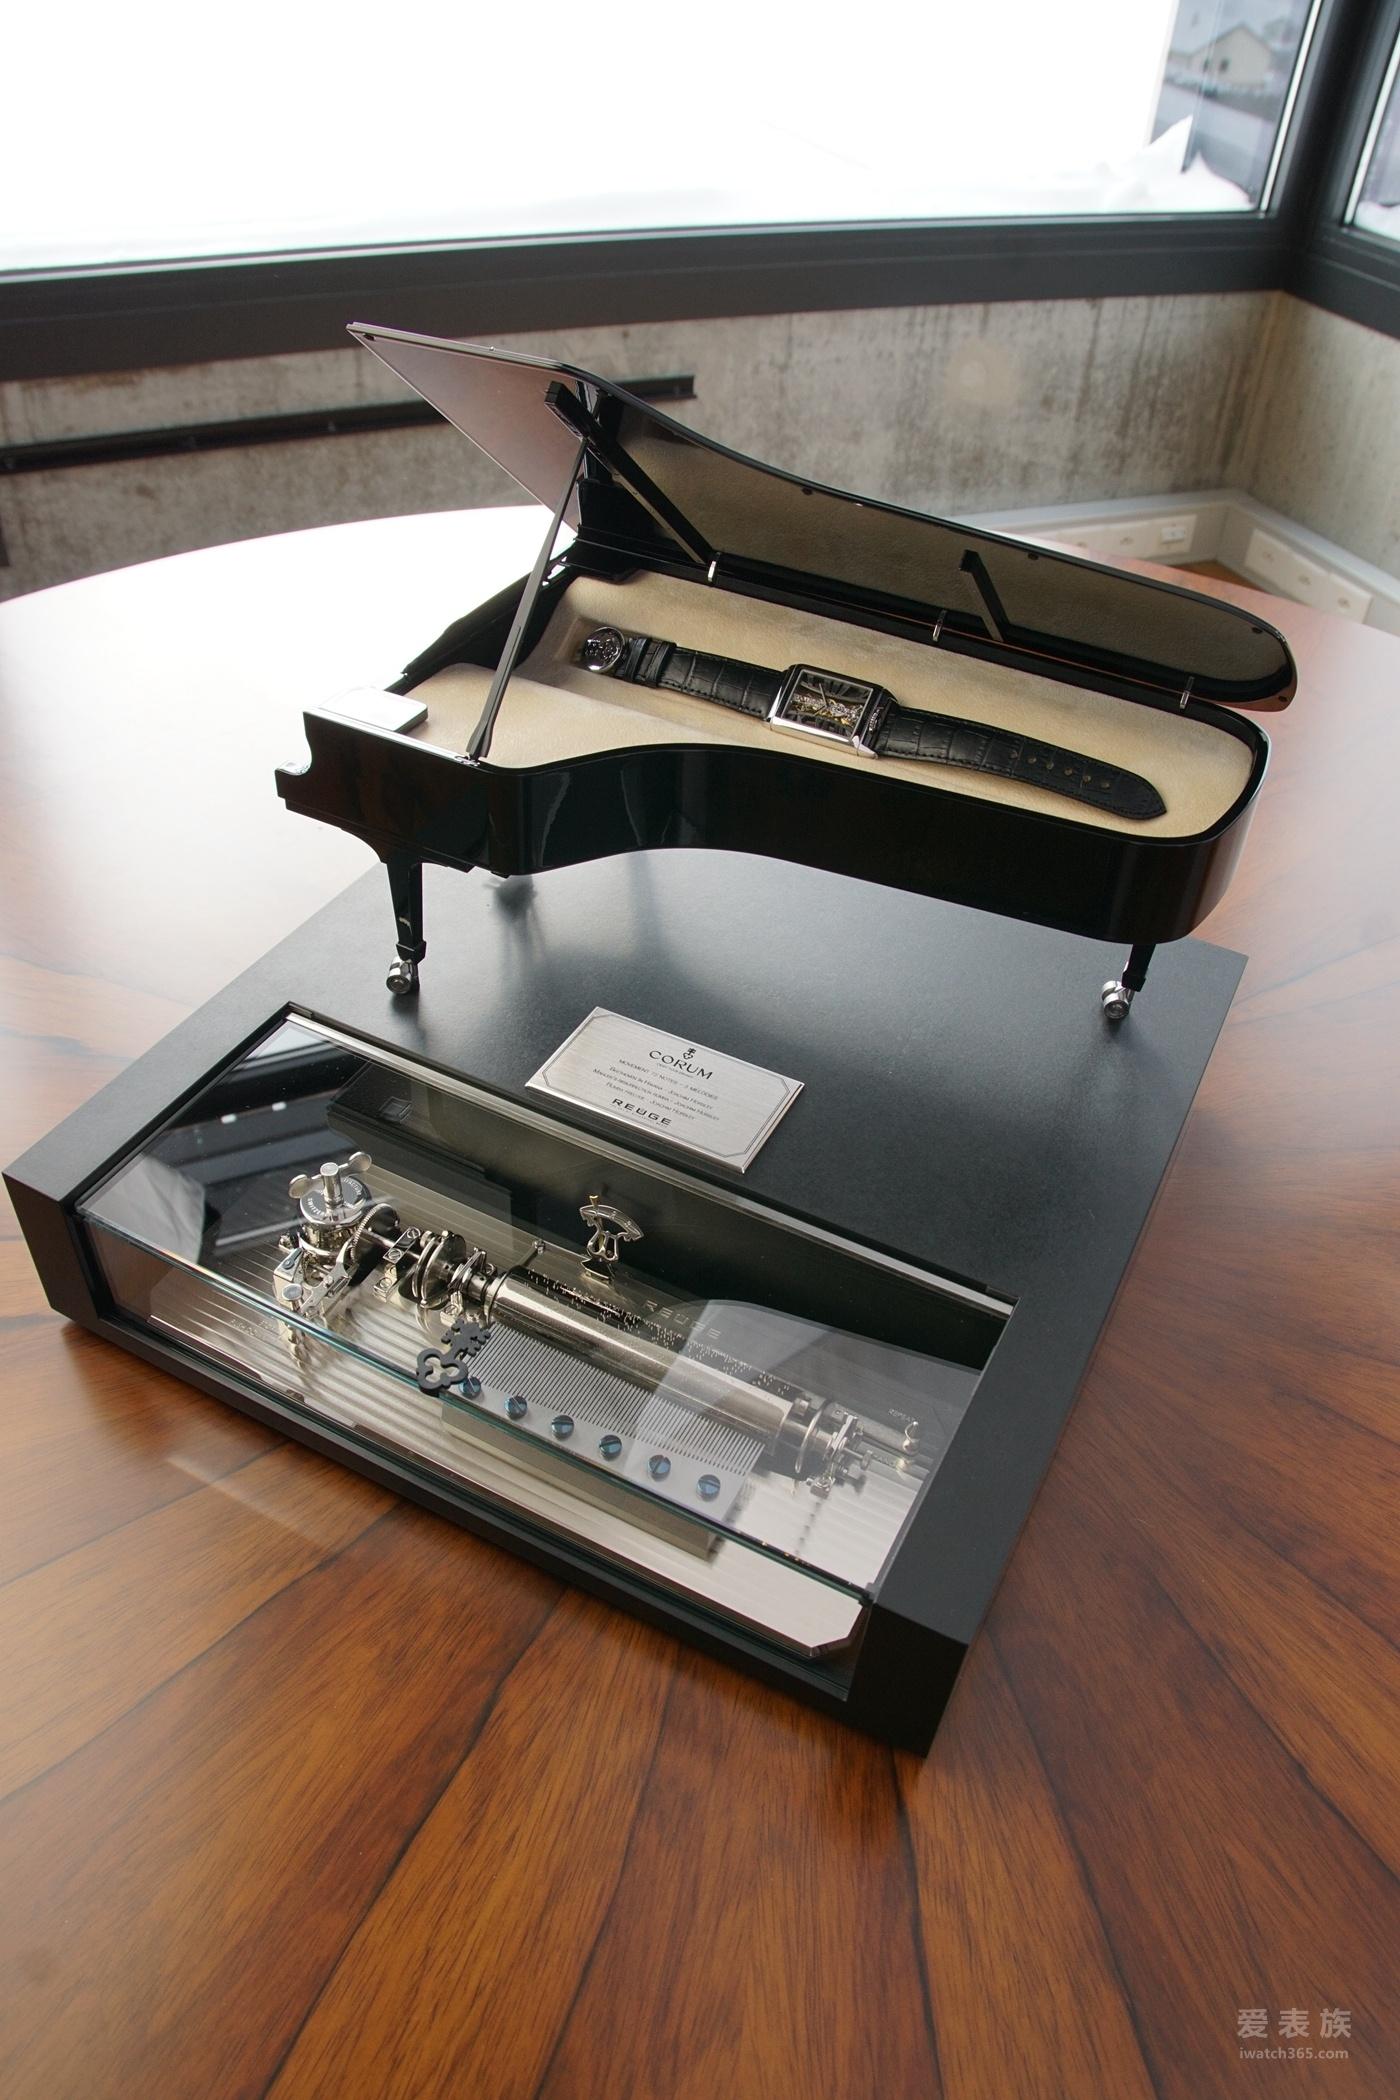 腕间交响 韵律激荡 CORUM昆仑表携手约阿希姆霍斯利推出巴塞尔新品限量版金桥长方形腕